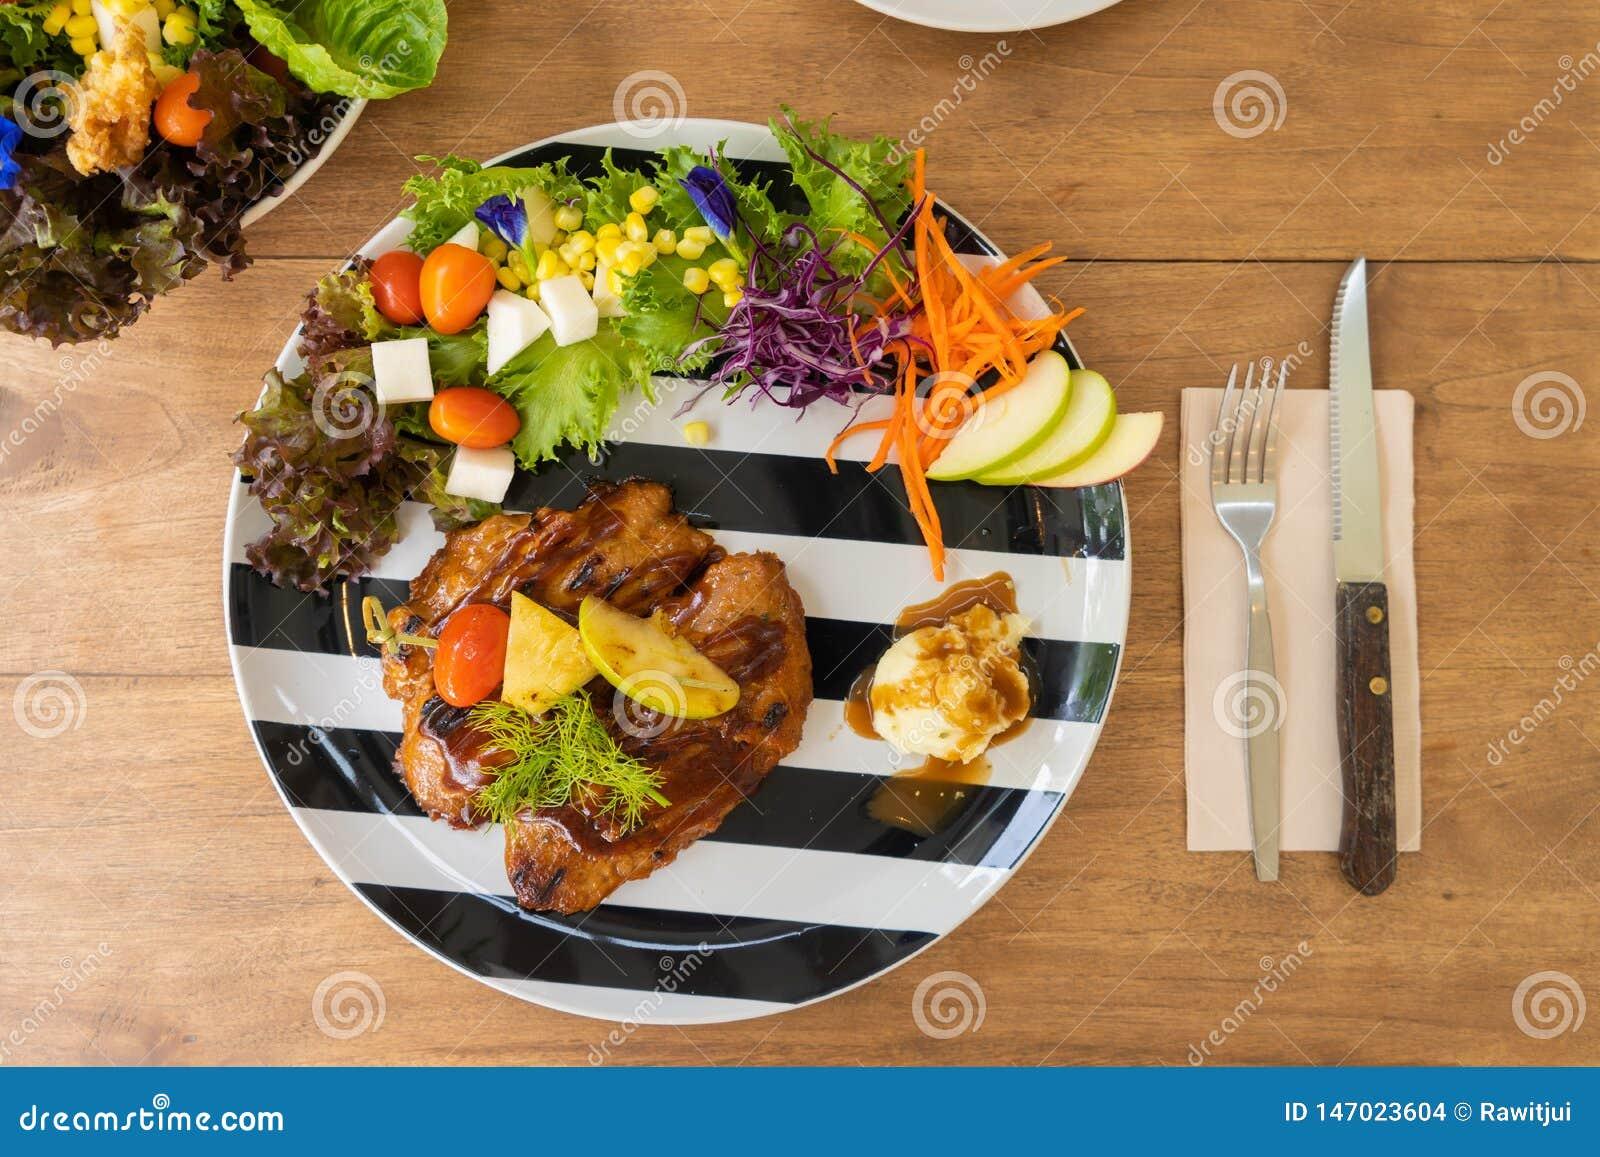 Servicio del filete del pollo con el puré de patata y la ensalada en una placa blanco y negro en una tabla de madera